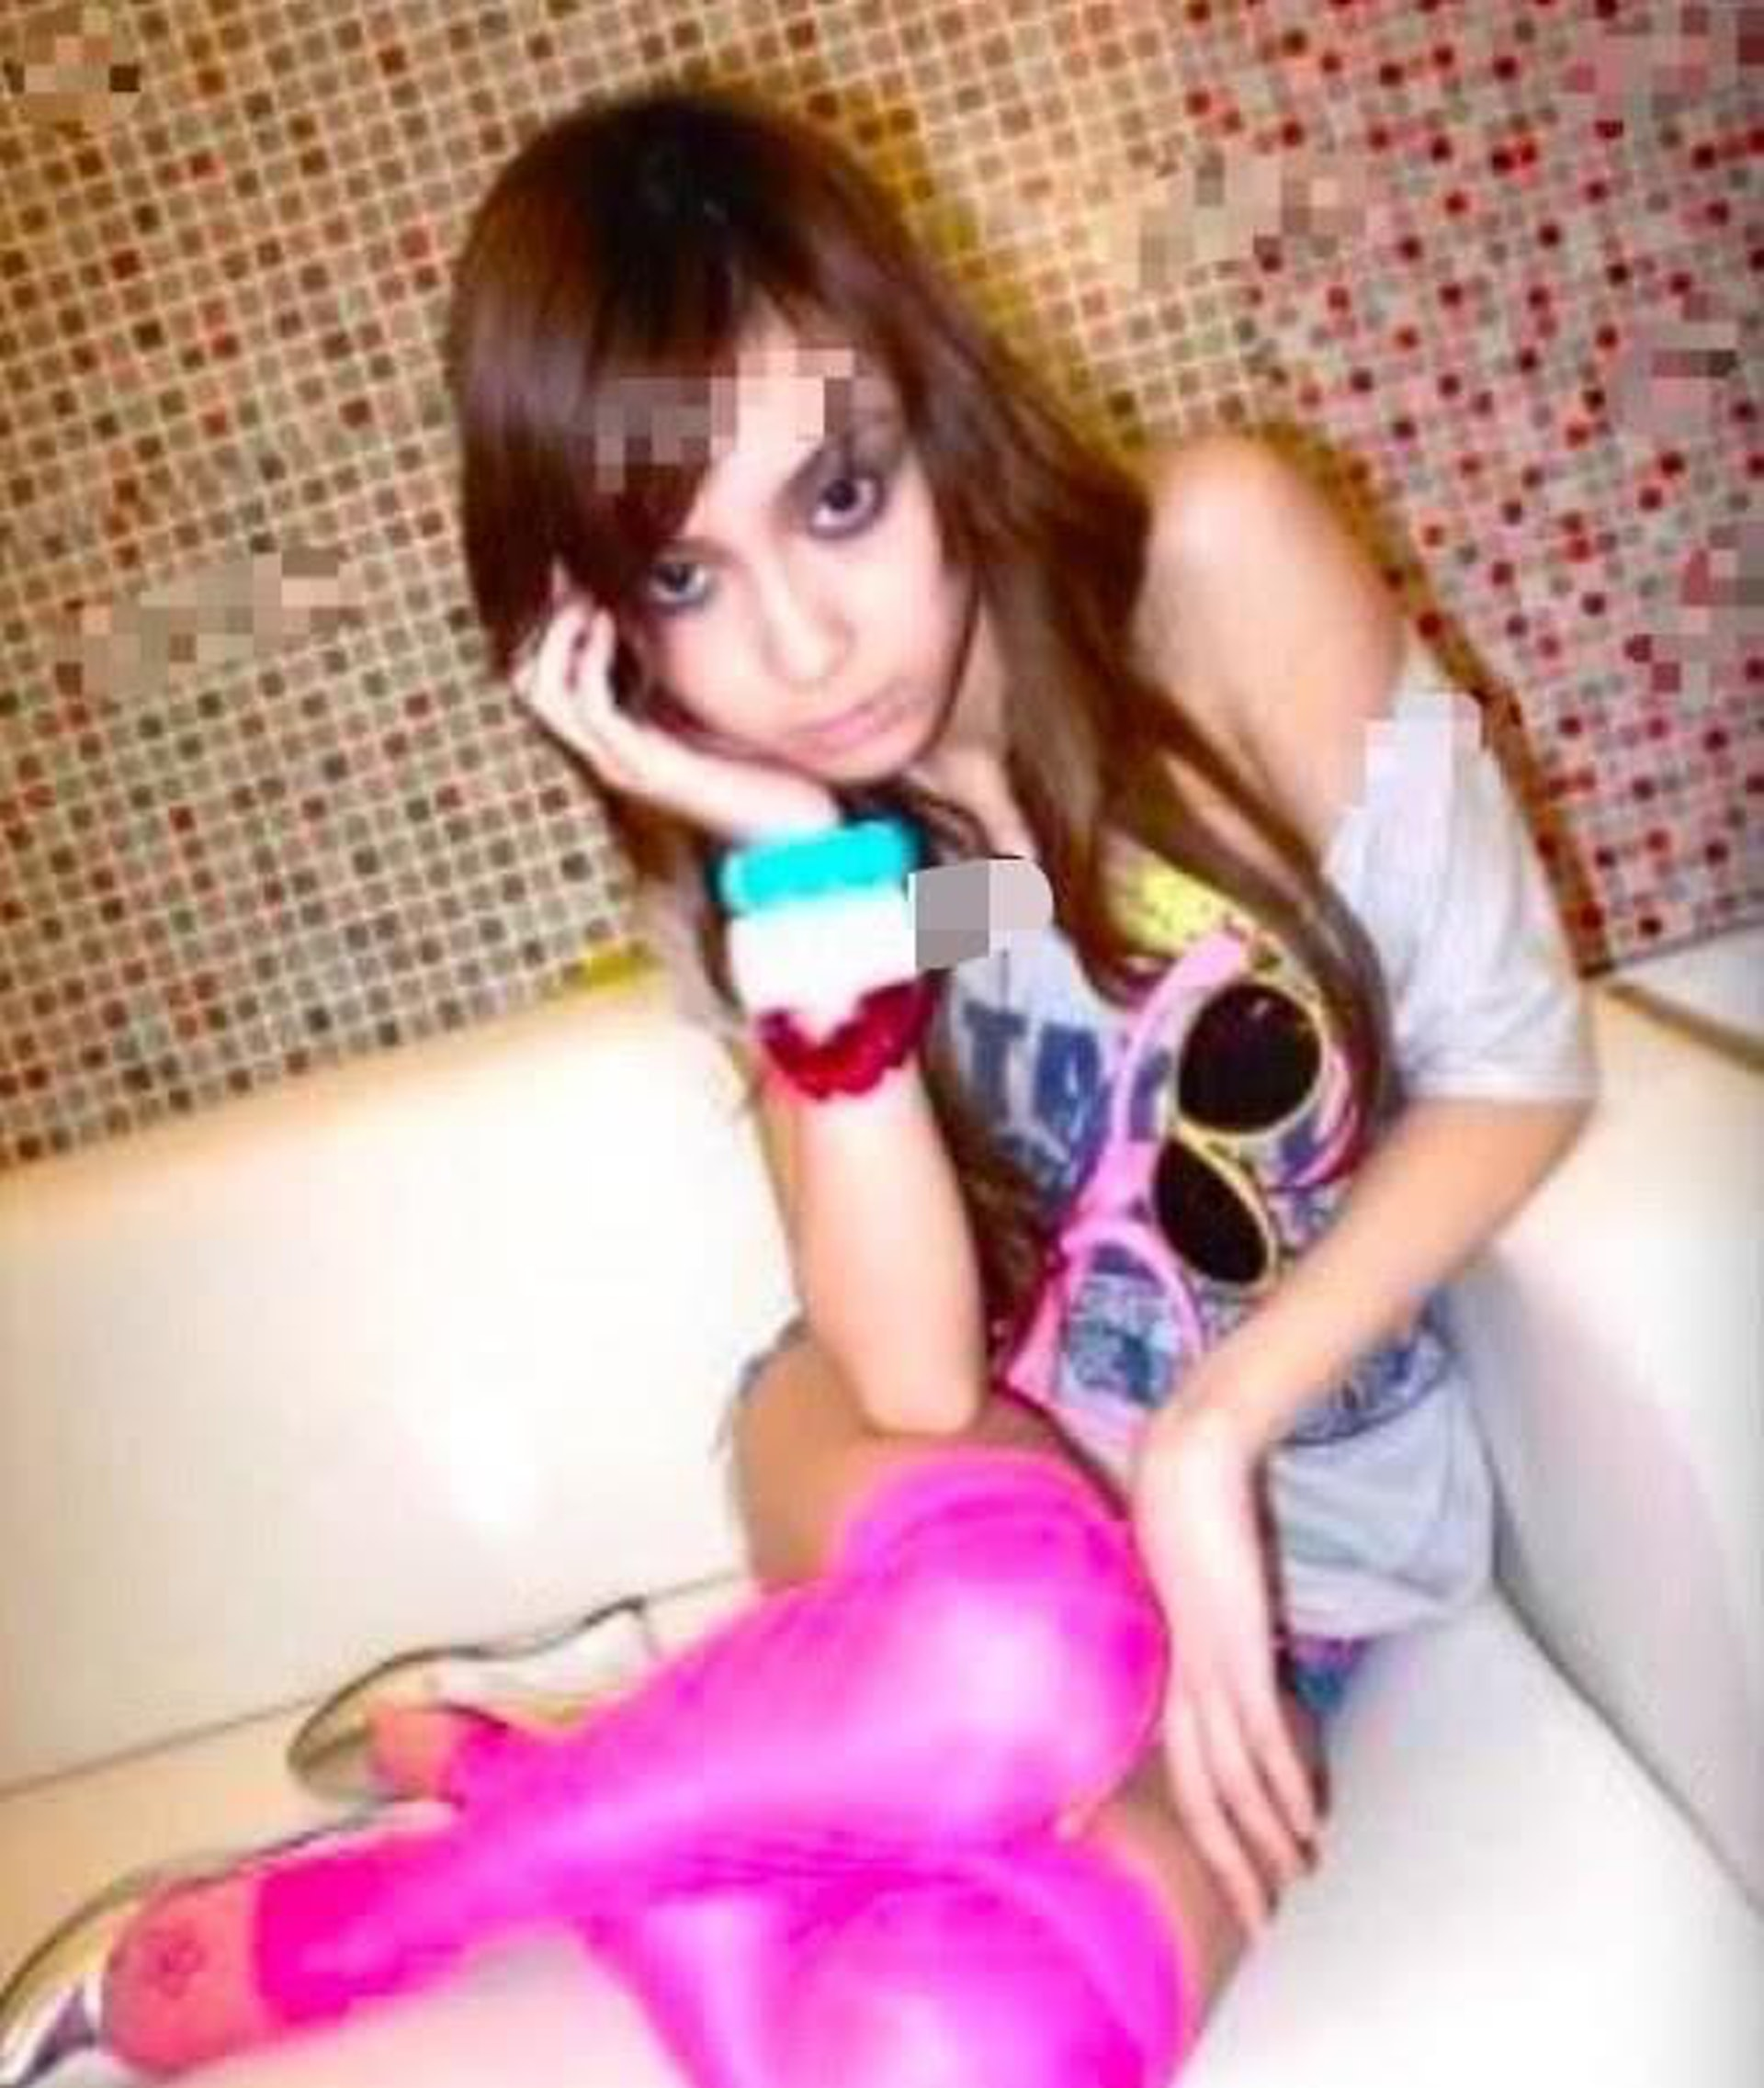 桃紅色的絲襪娘味極濃。(微博圖片)